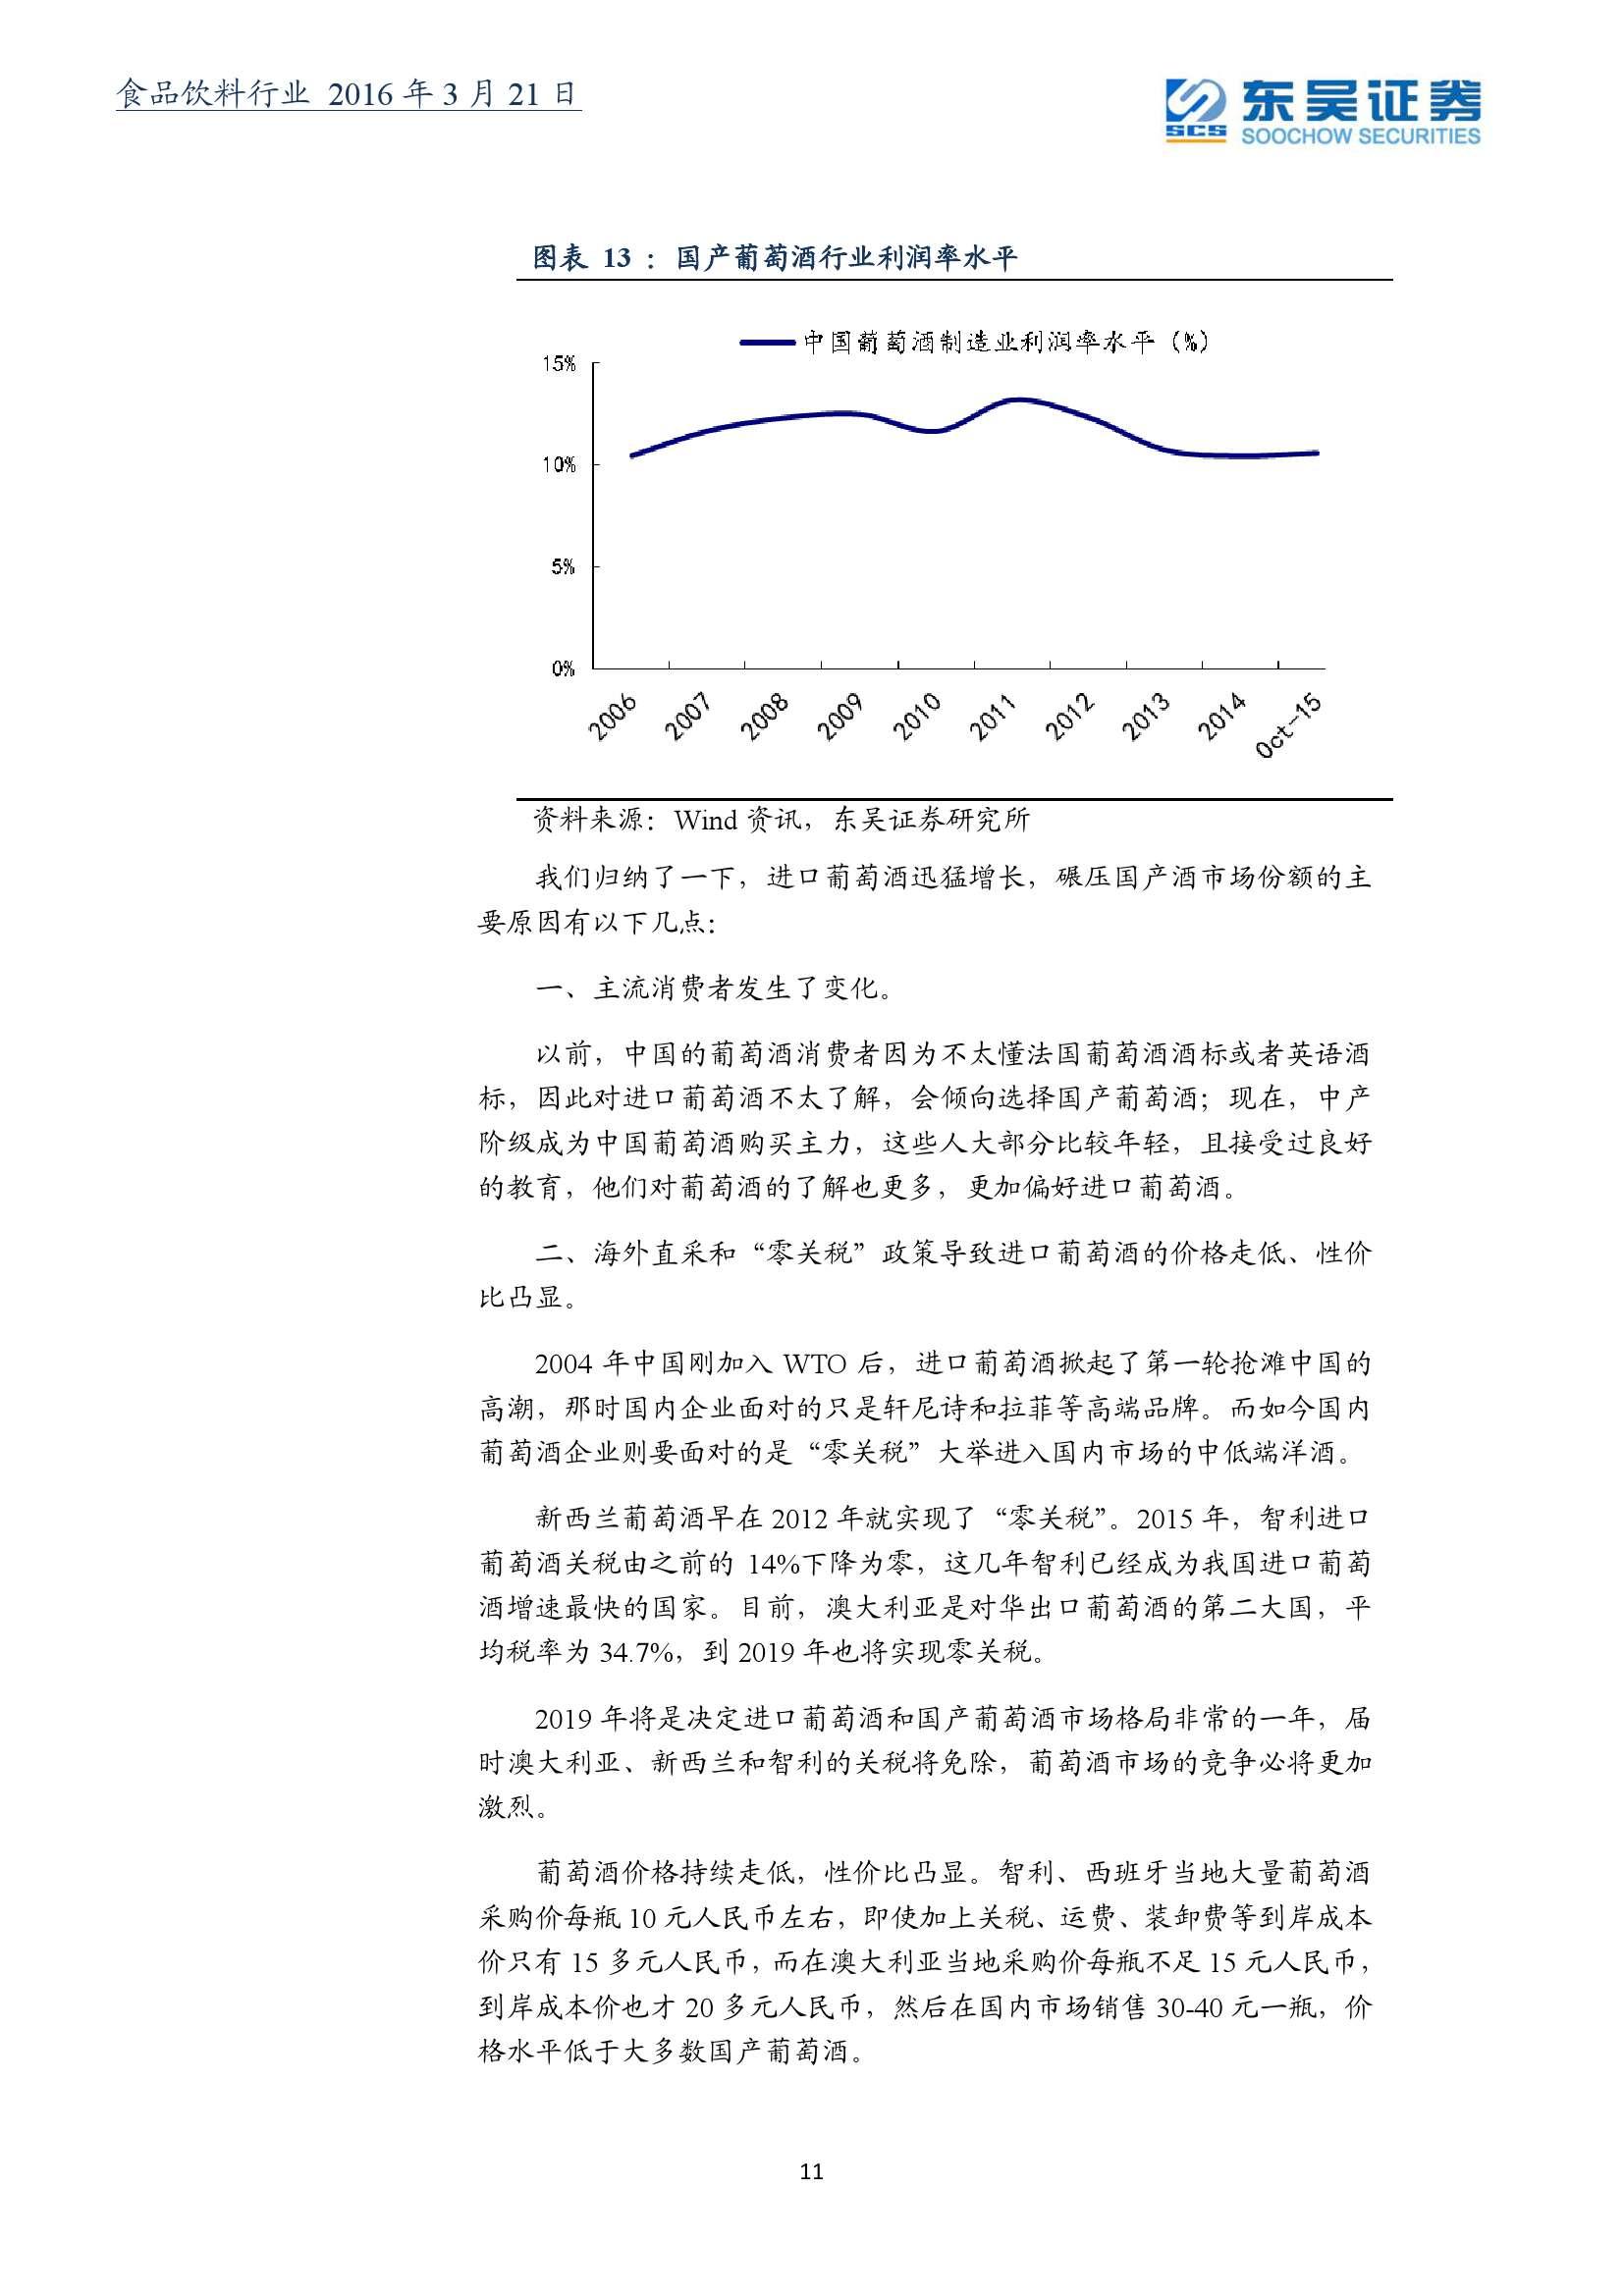 2016年葡萄酒行业深度报告_000011